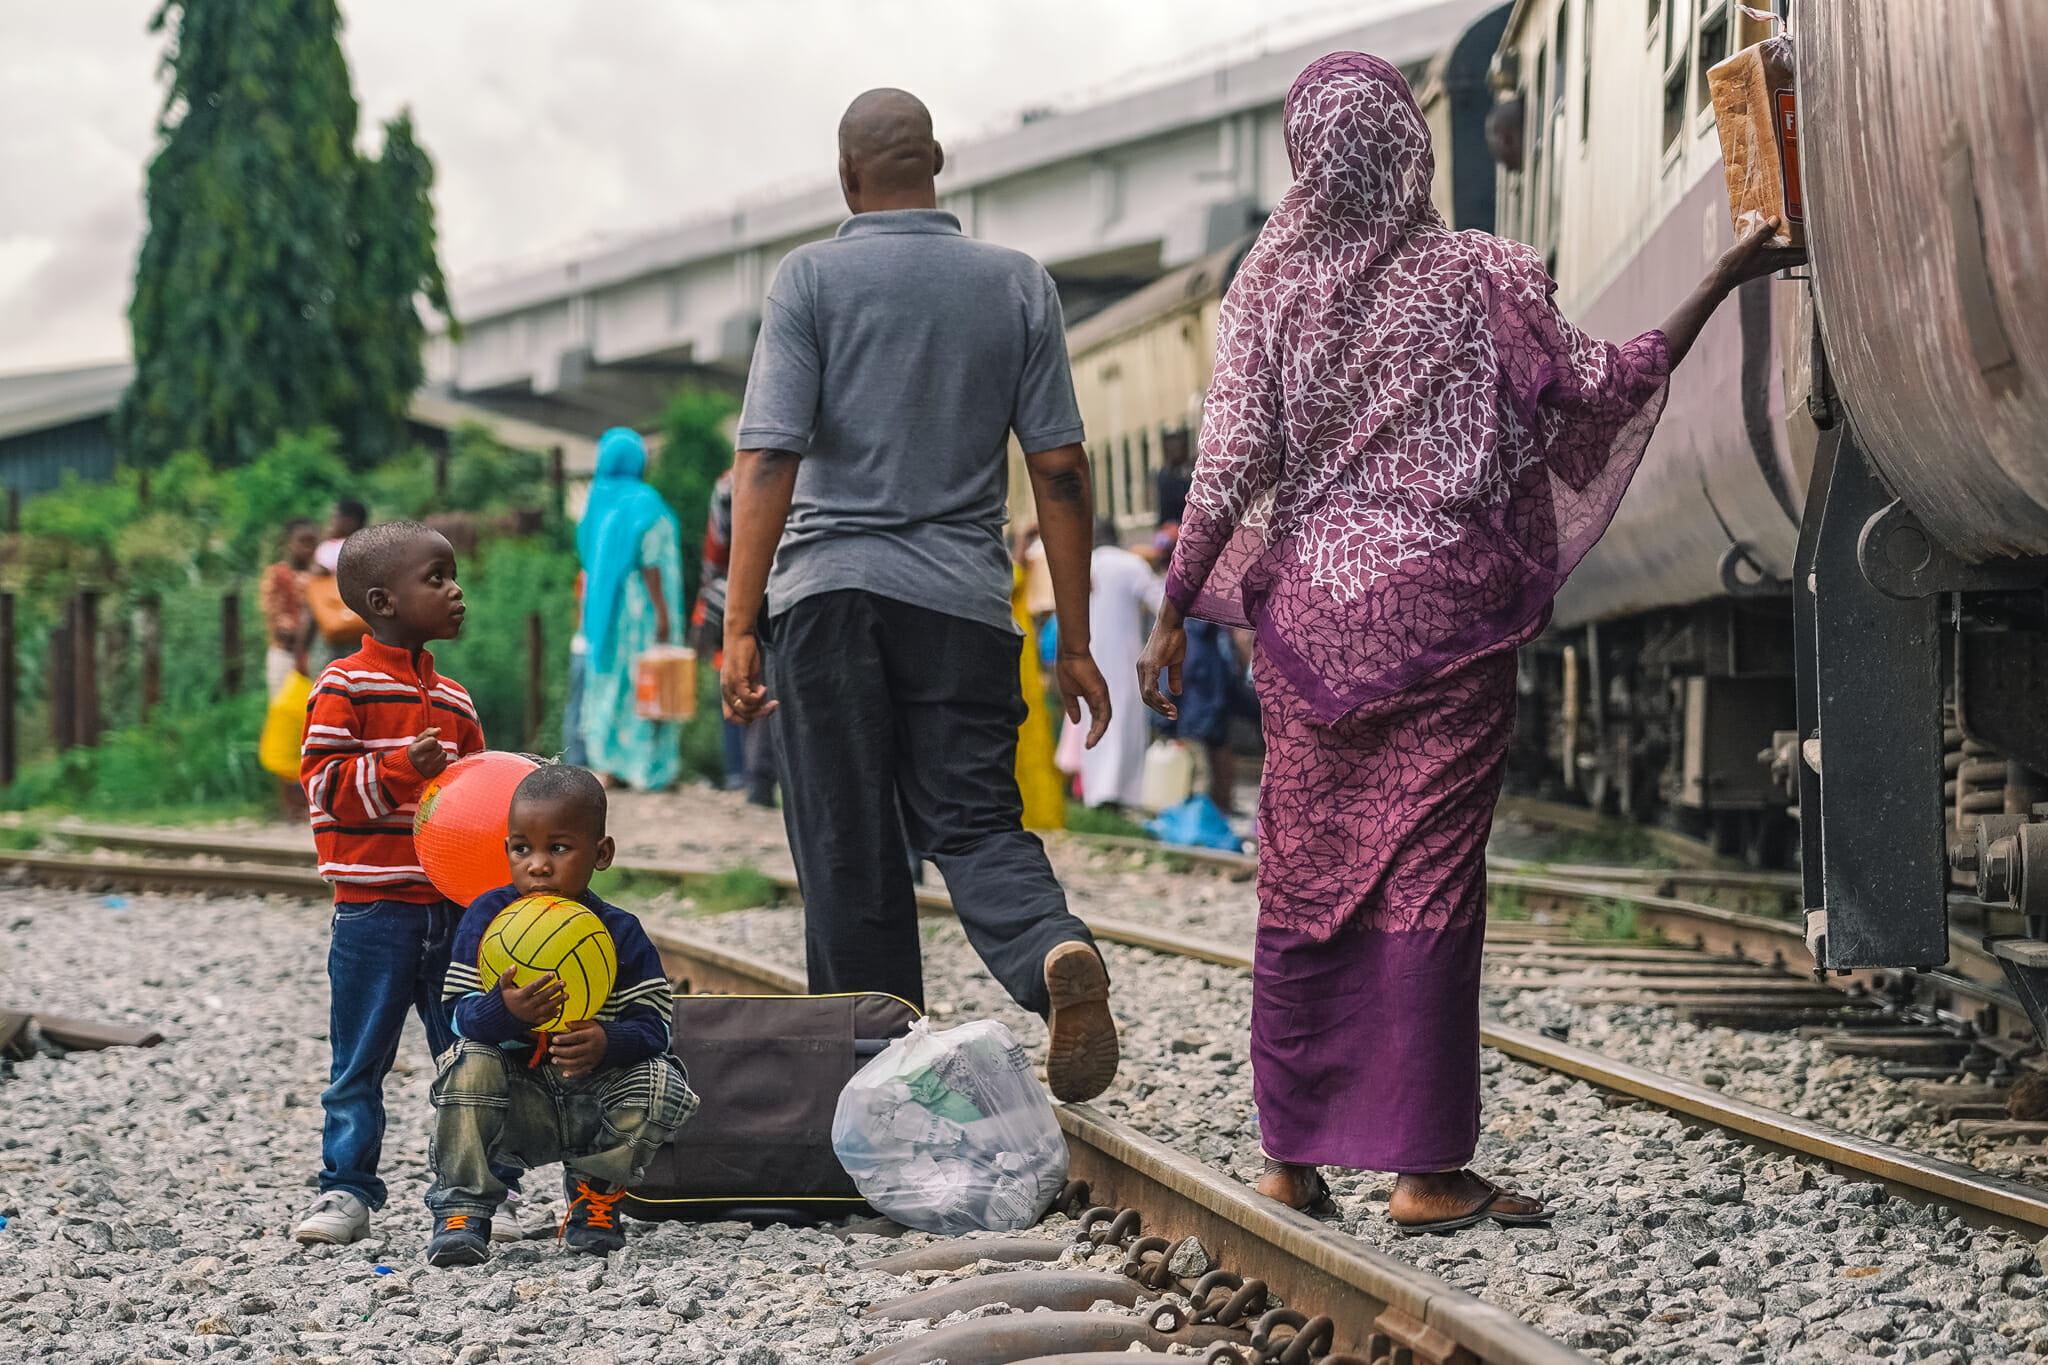 tanzanie-dar-es-salam-gare-voyage-train